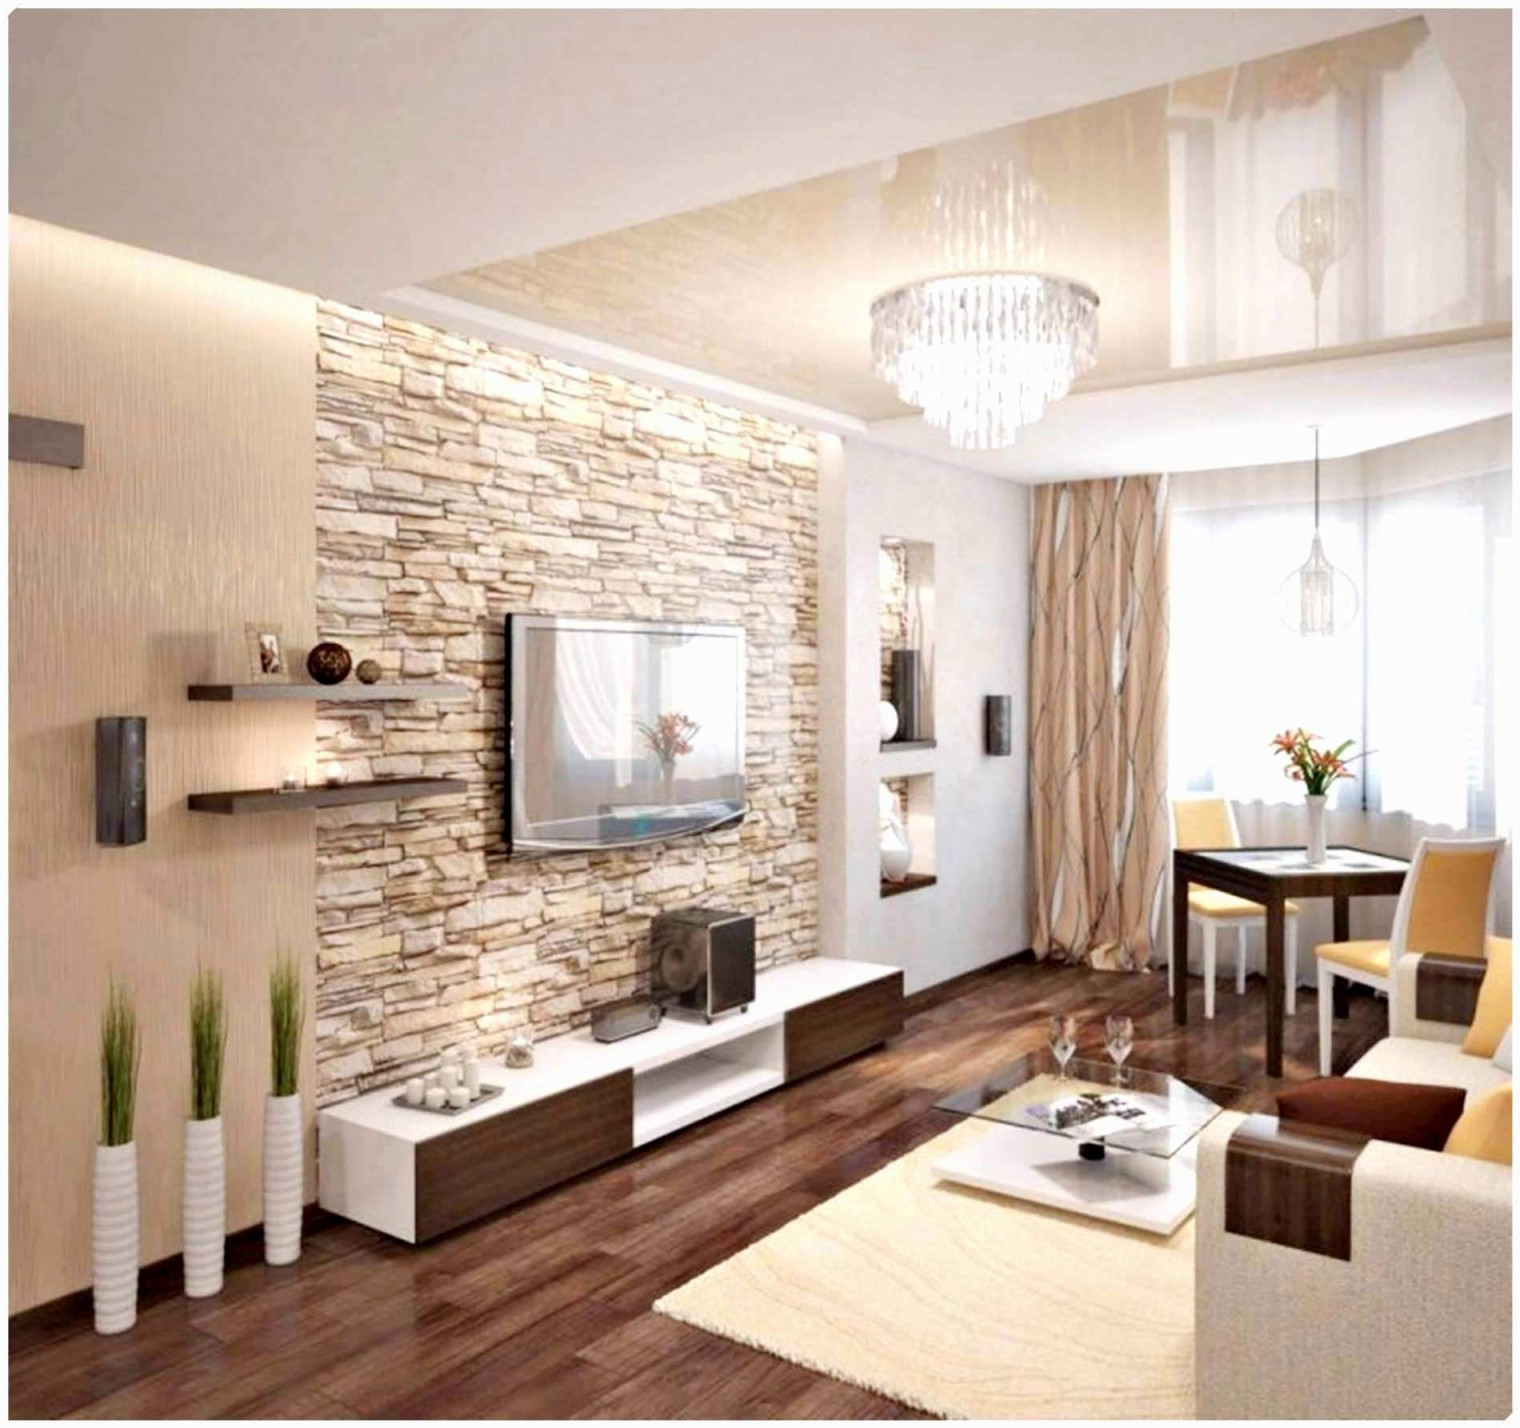 39 Einzigartig Wohnzimmer Tapeten Ideen Modern Das Beste Von von Wohnzimmer Tapeten Vorschläge Bild